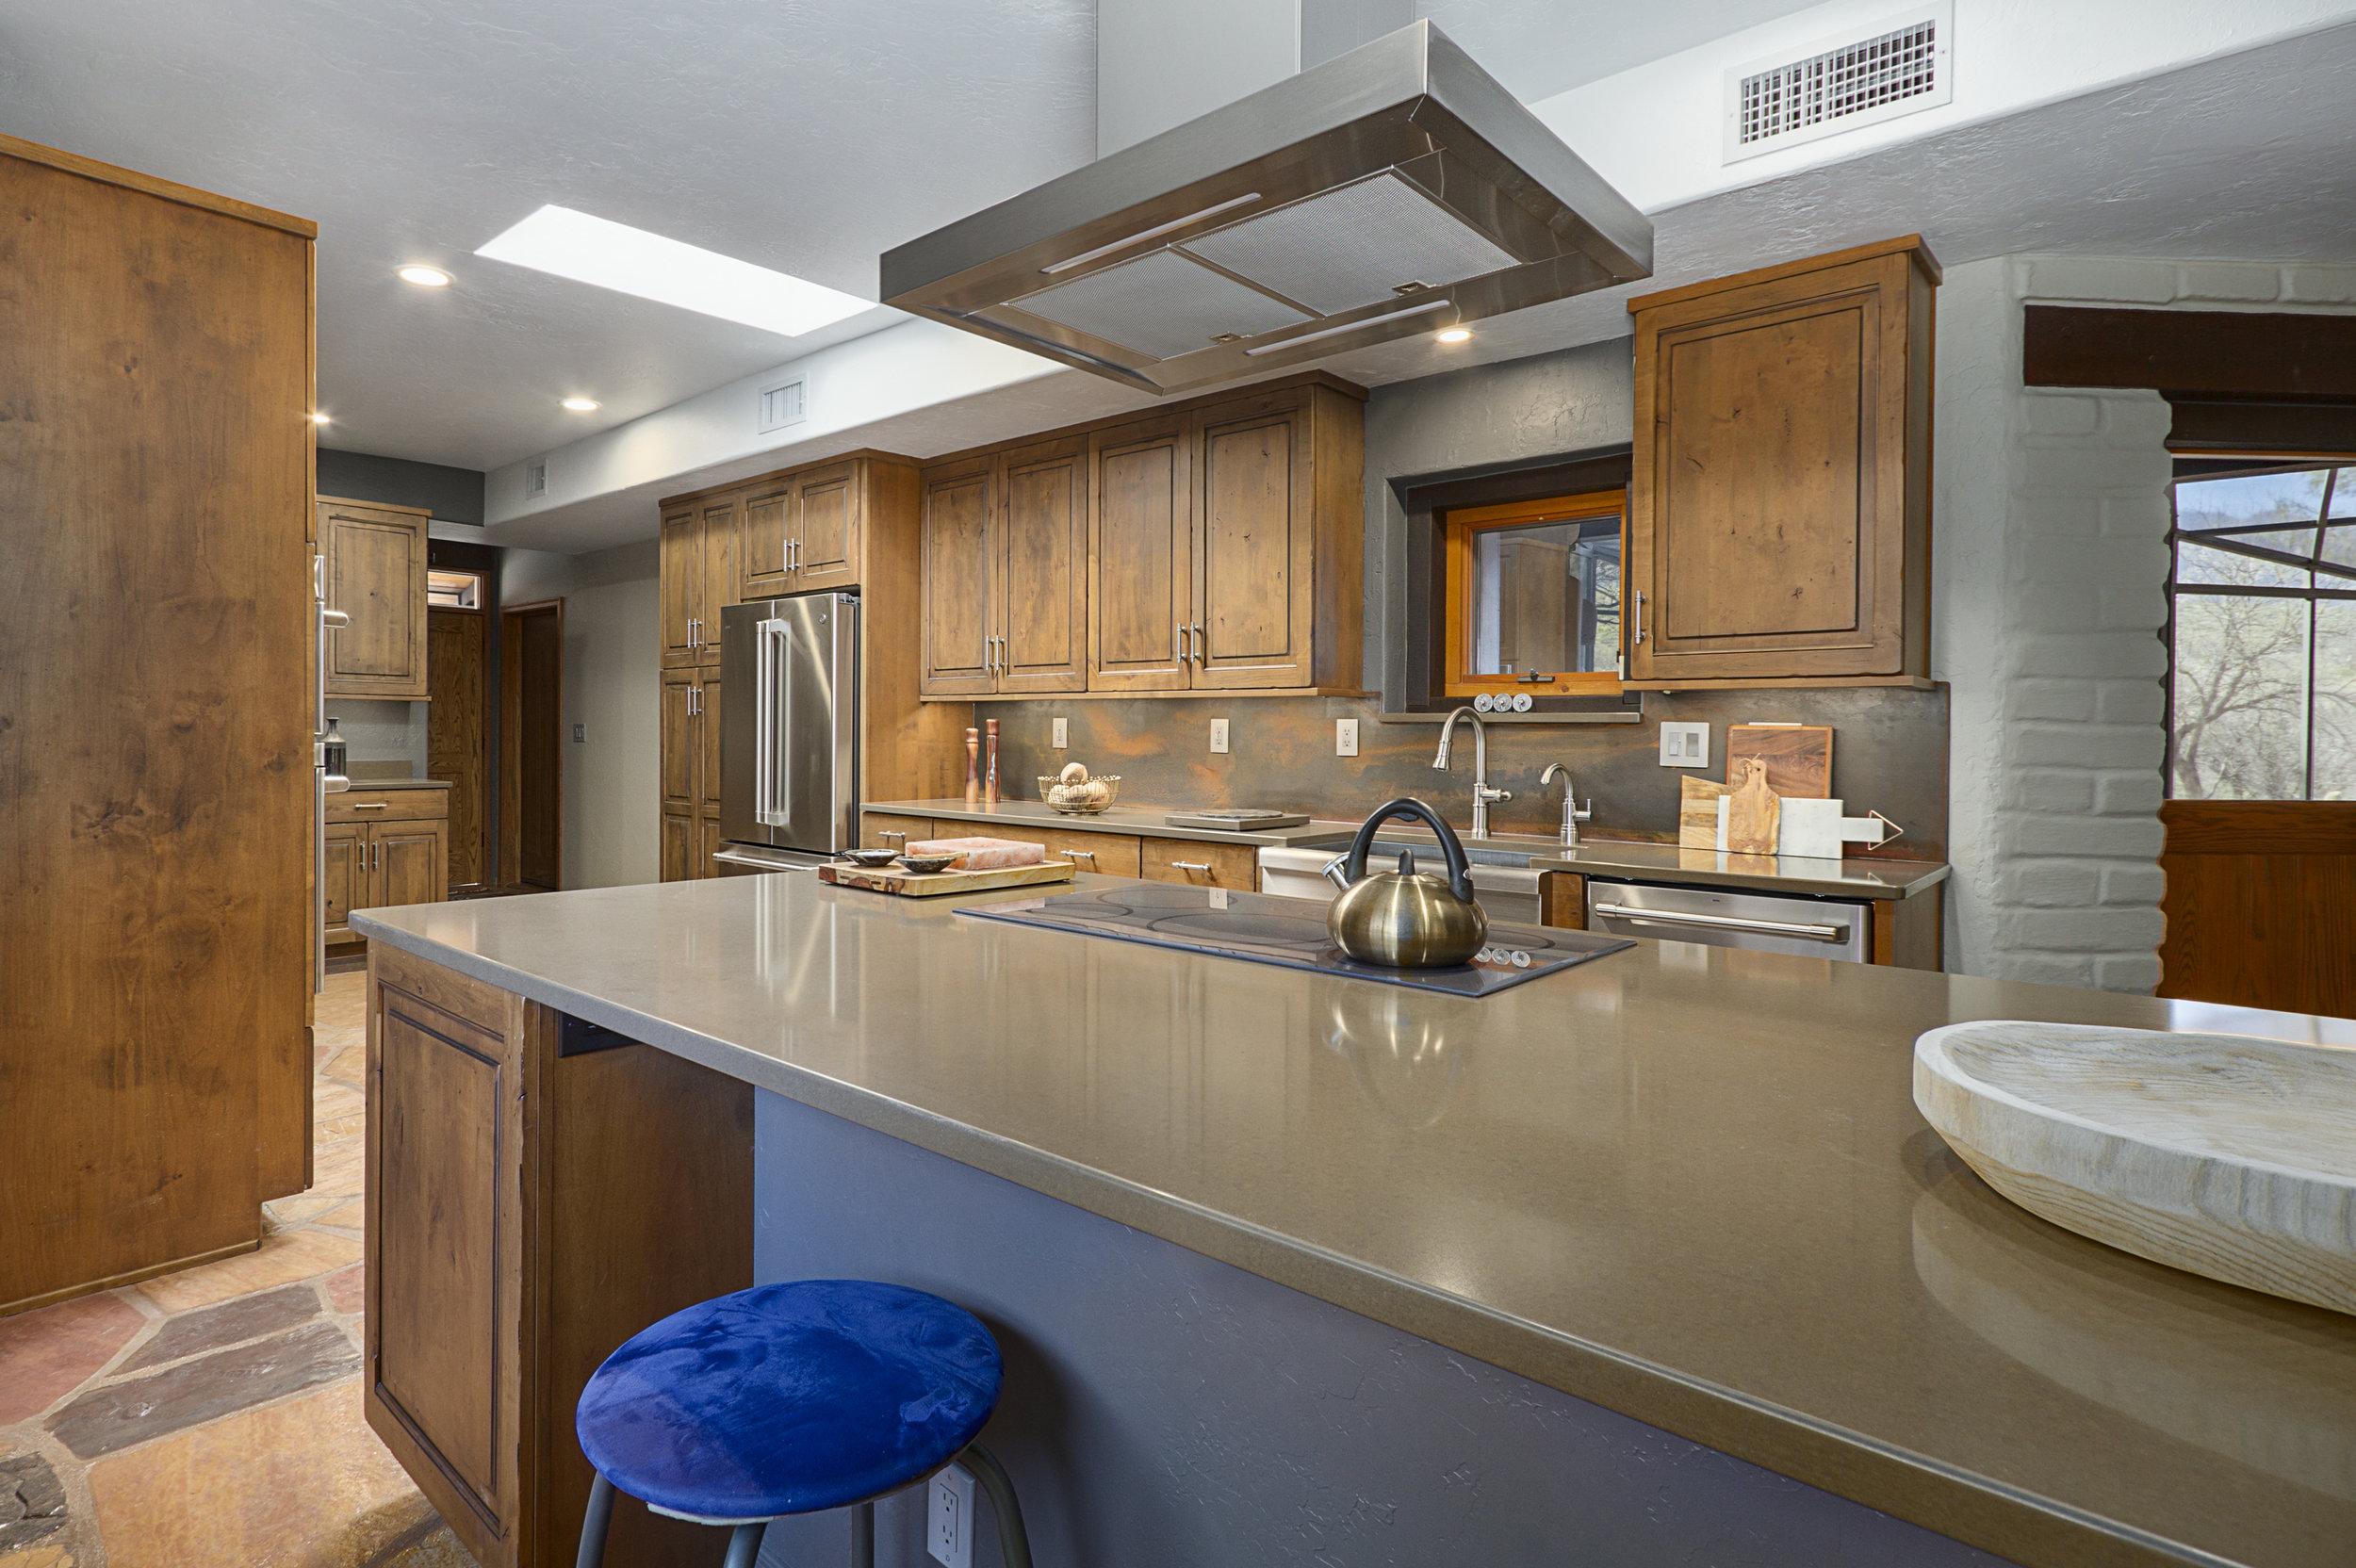 Cline_Kitchen 3.jpg